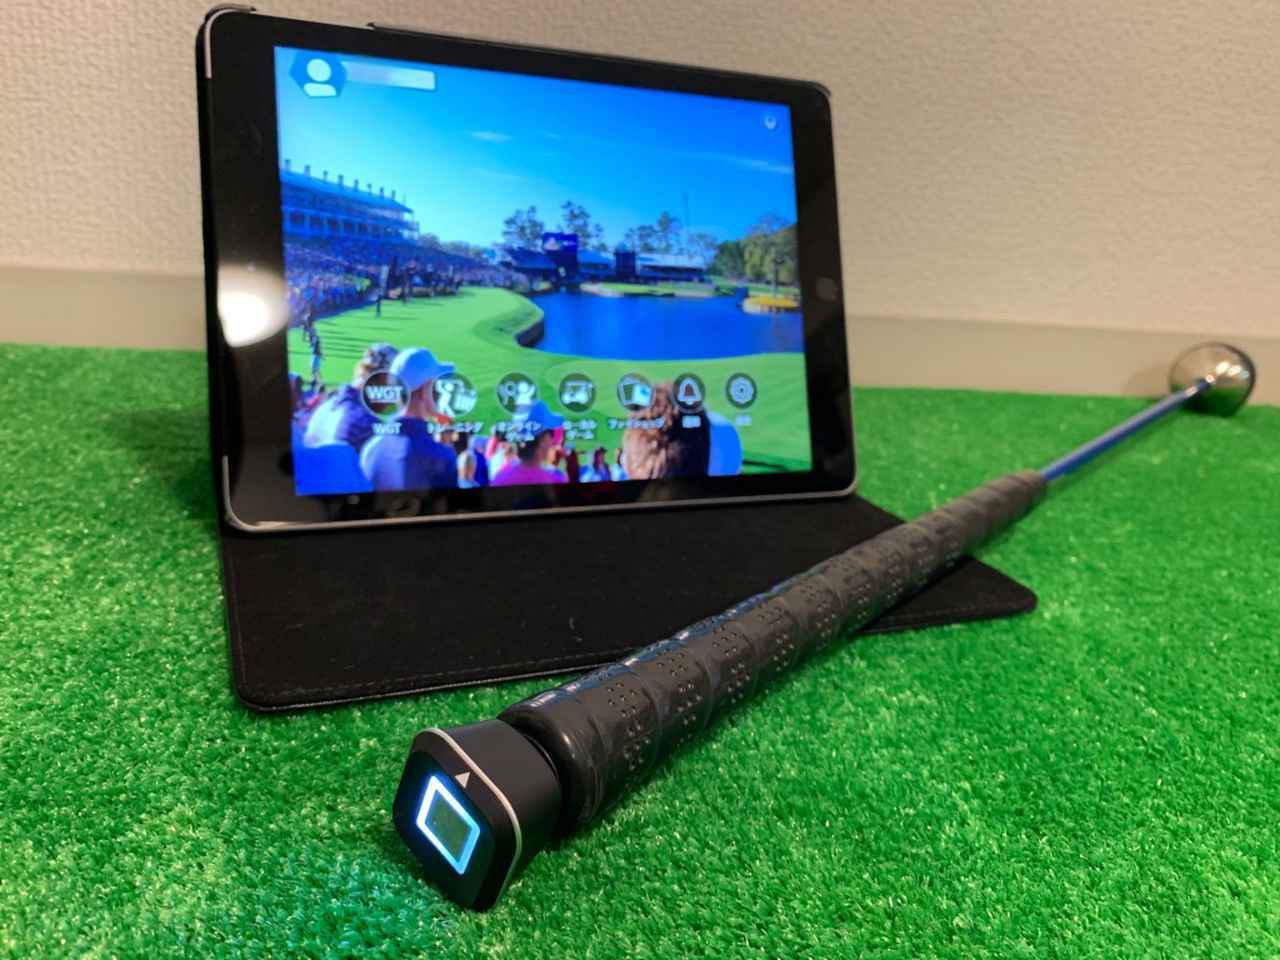 画像: 家庭用シミュレーションゴルフ「PhiGolf」を試してみました! 本体はグリップエンドに取り付けた小さいセンサーのみ。10グラムしかないようで、かなり小型です。練習用クラブとiPadはS子私物です